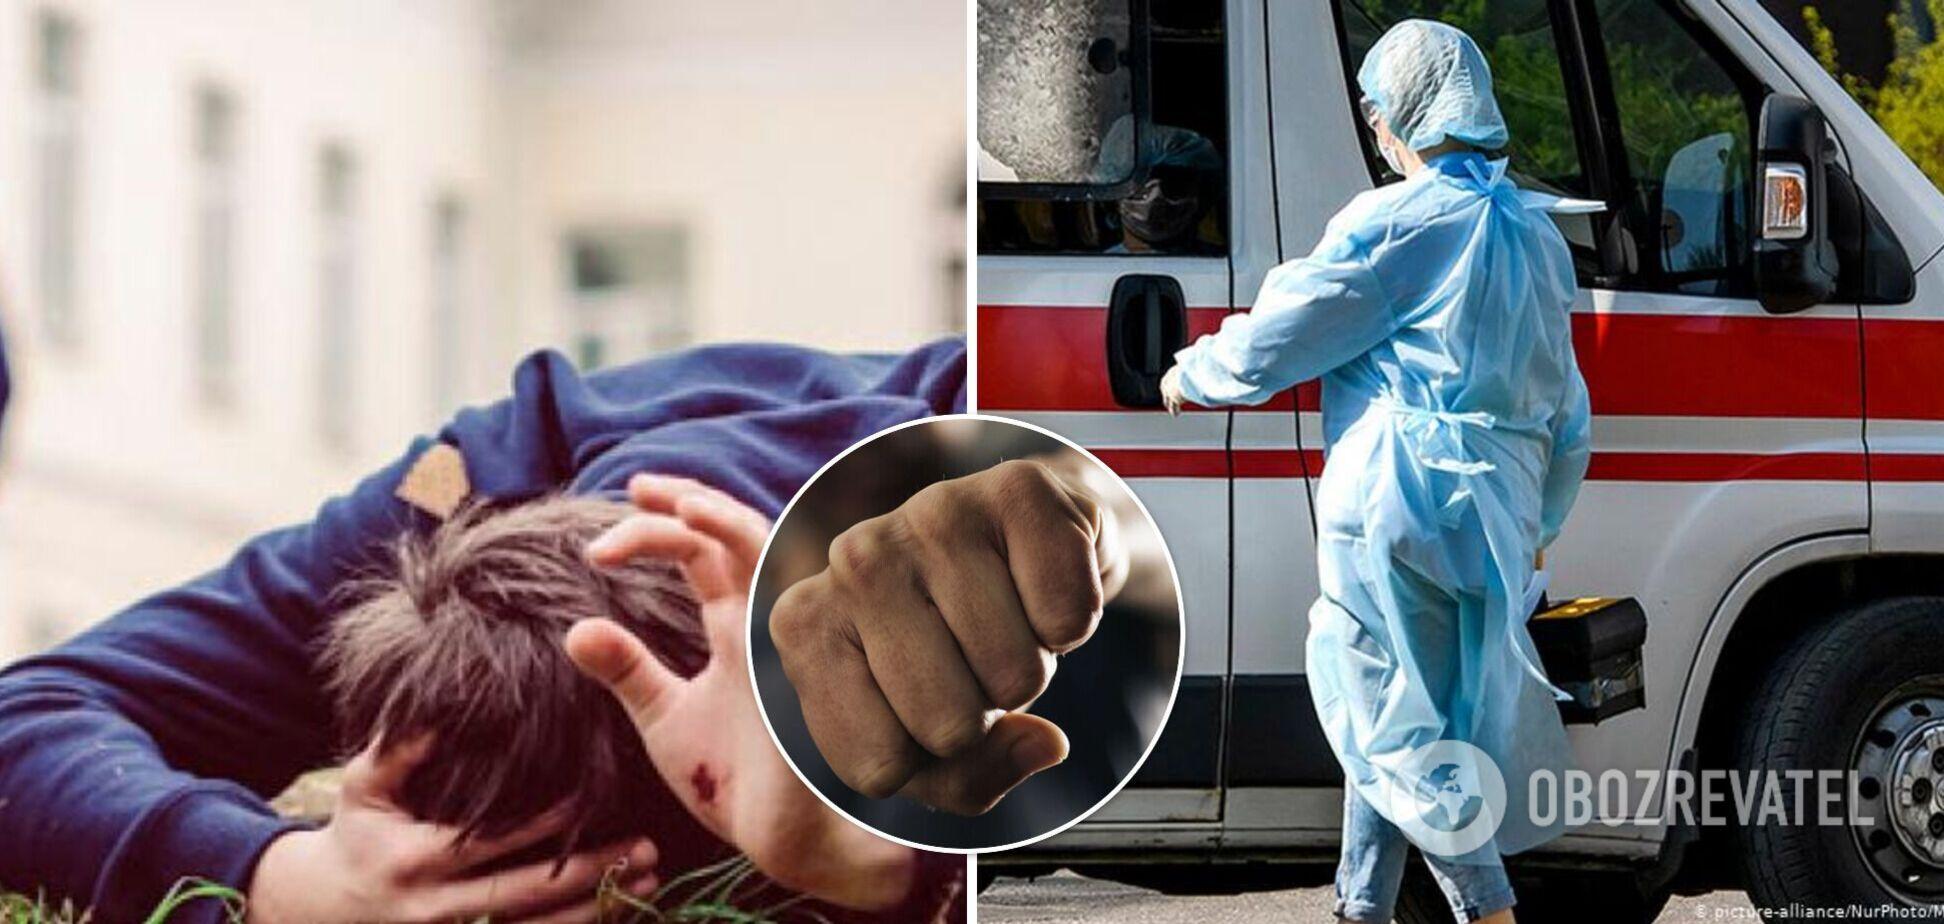 В Николаеве школьники избили ребенка на спортплощадке: мальчик попал в больницу